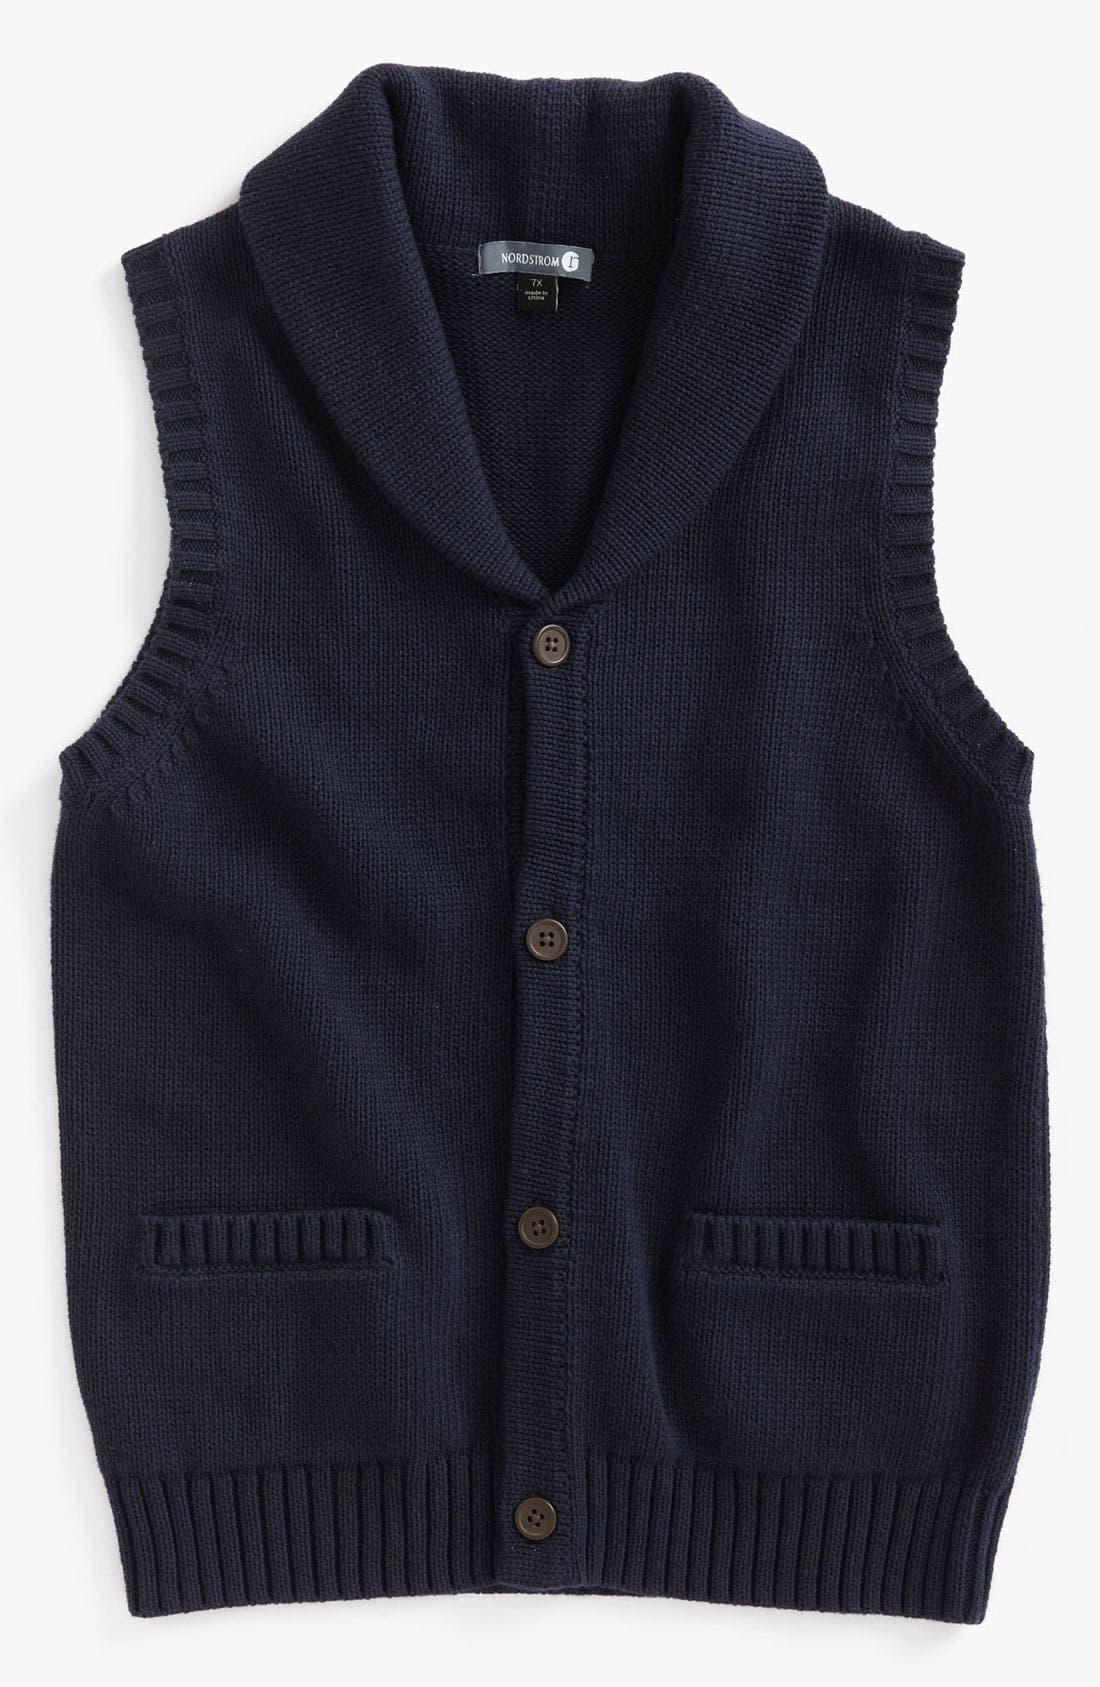 Main Image - Nordstrom 'Chandler' Sweater Vest (Big Boys)